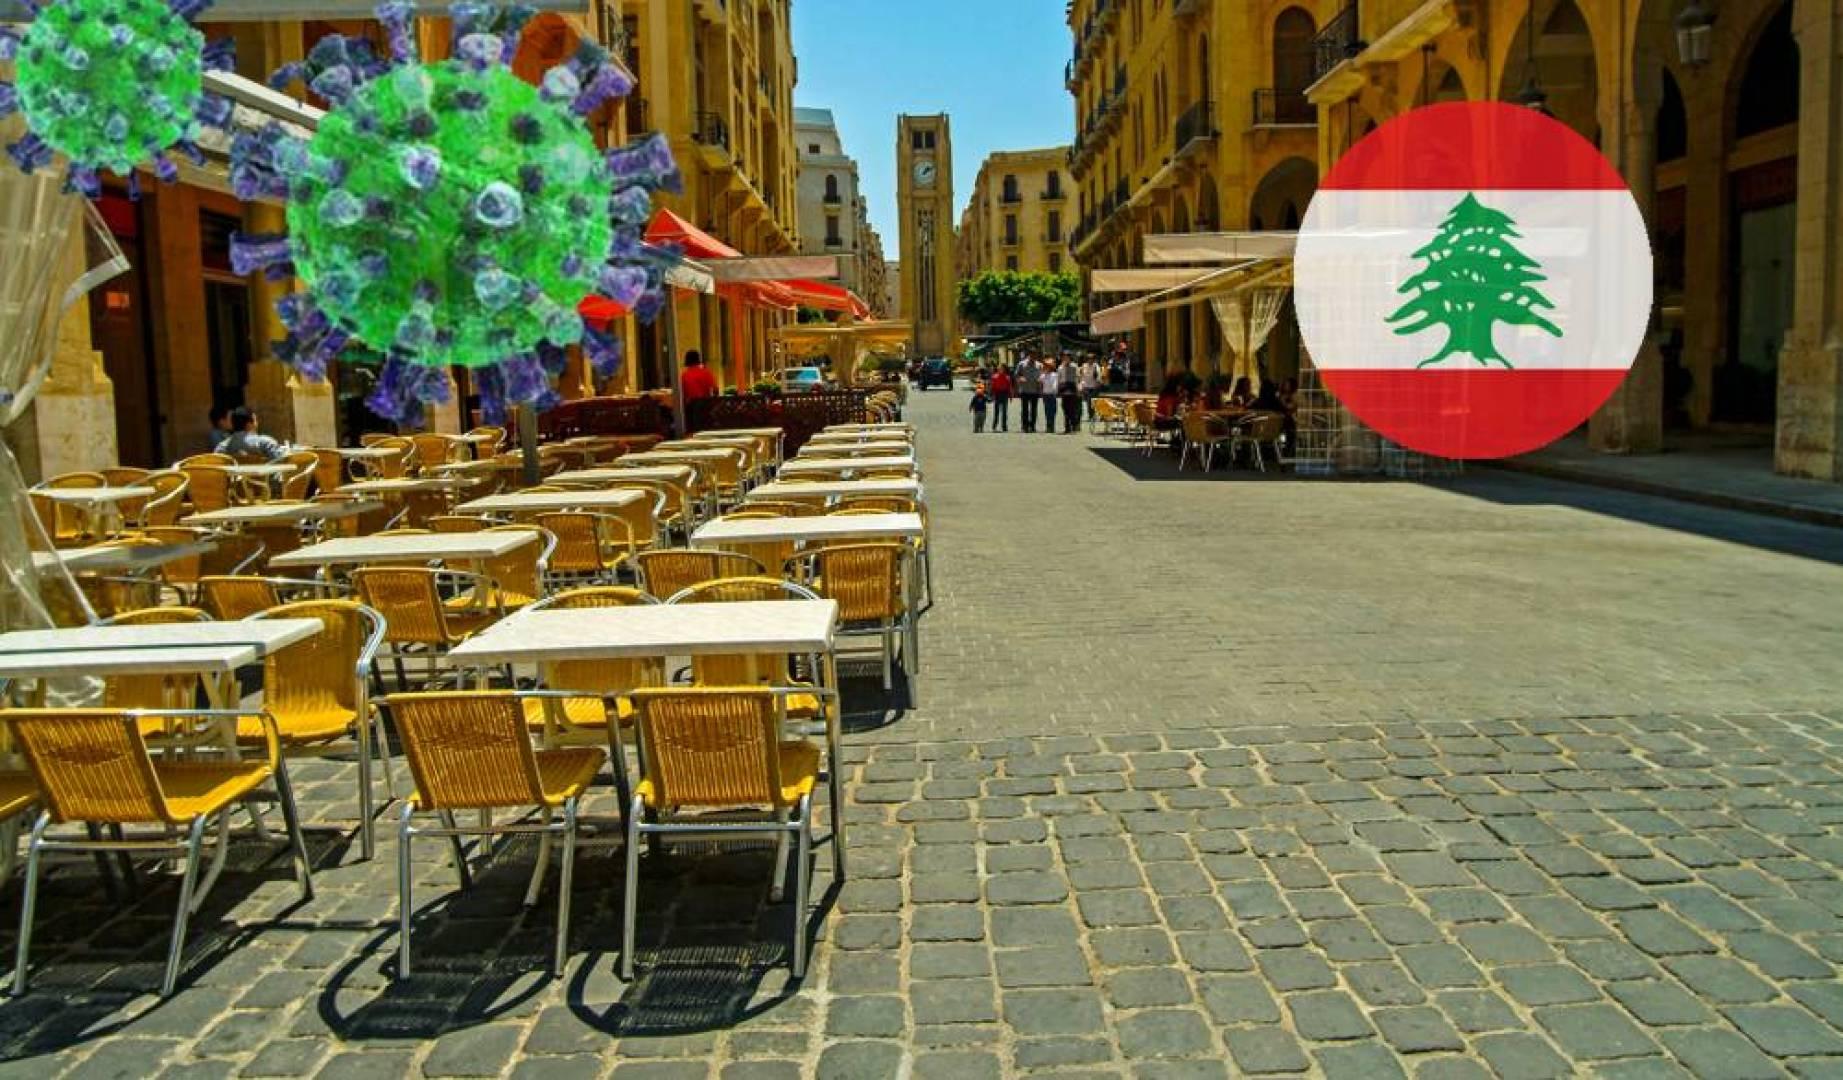 توجه لإغلاق المطاعم تفادياً لانتشار كورونا في بيروت